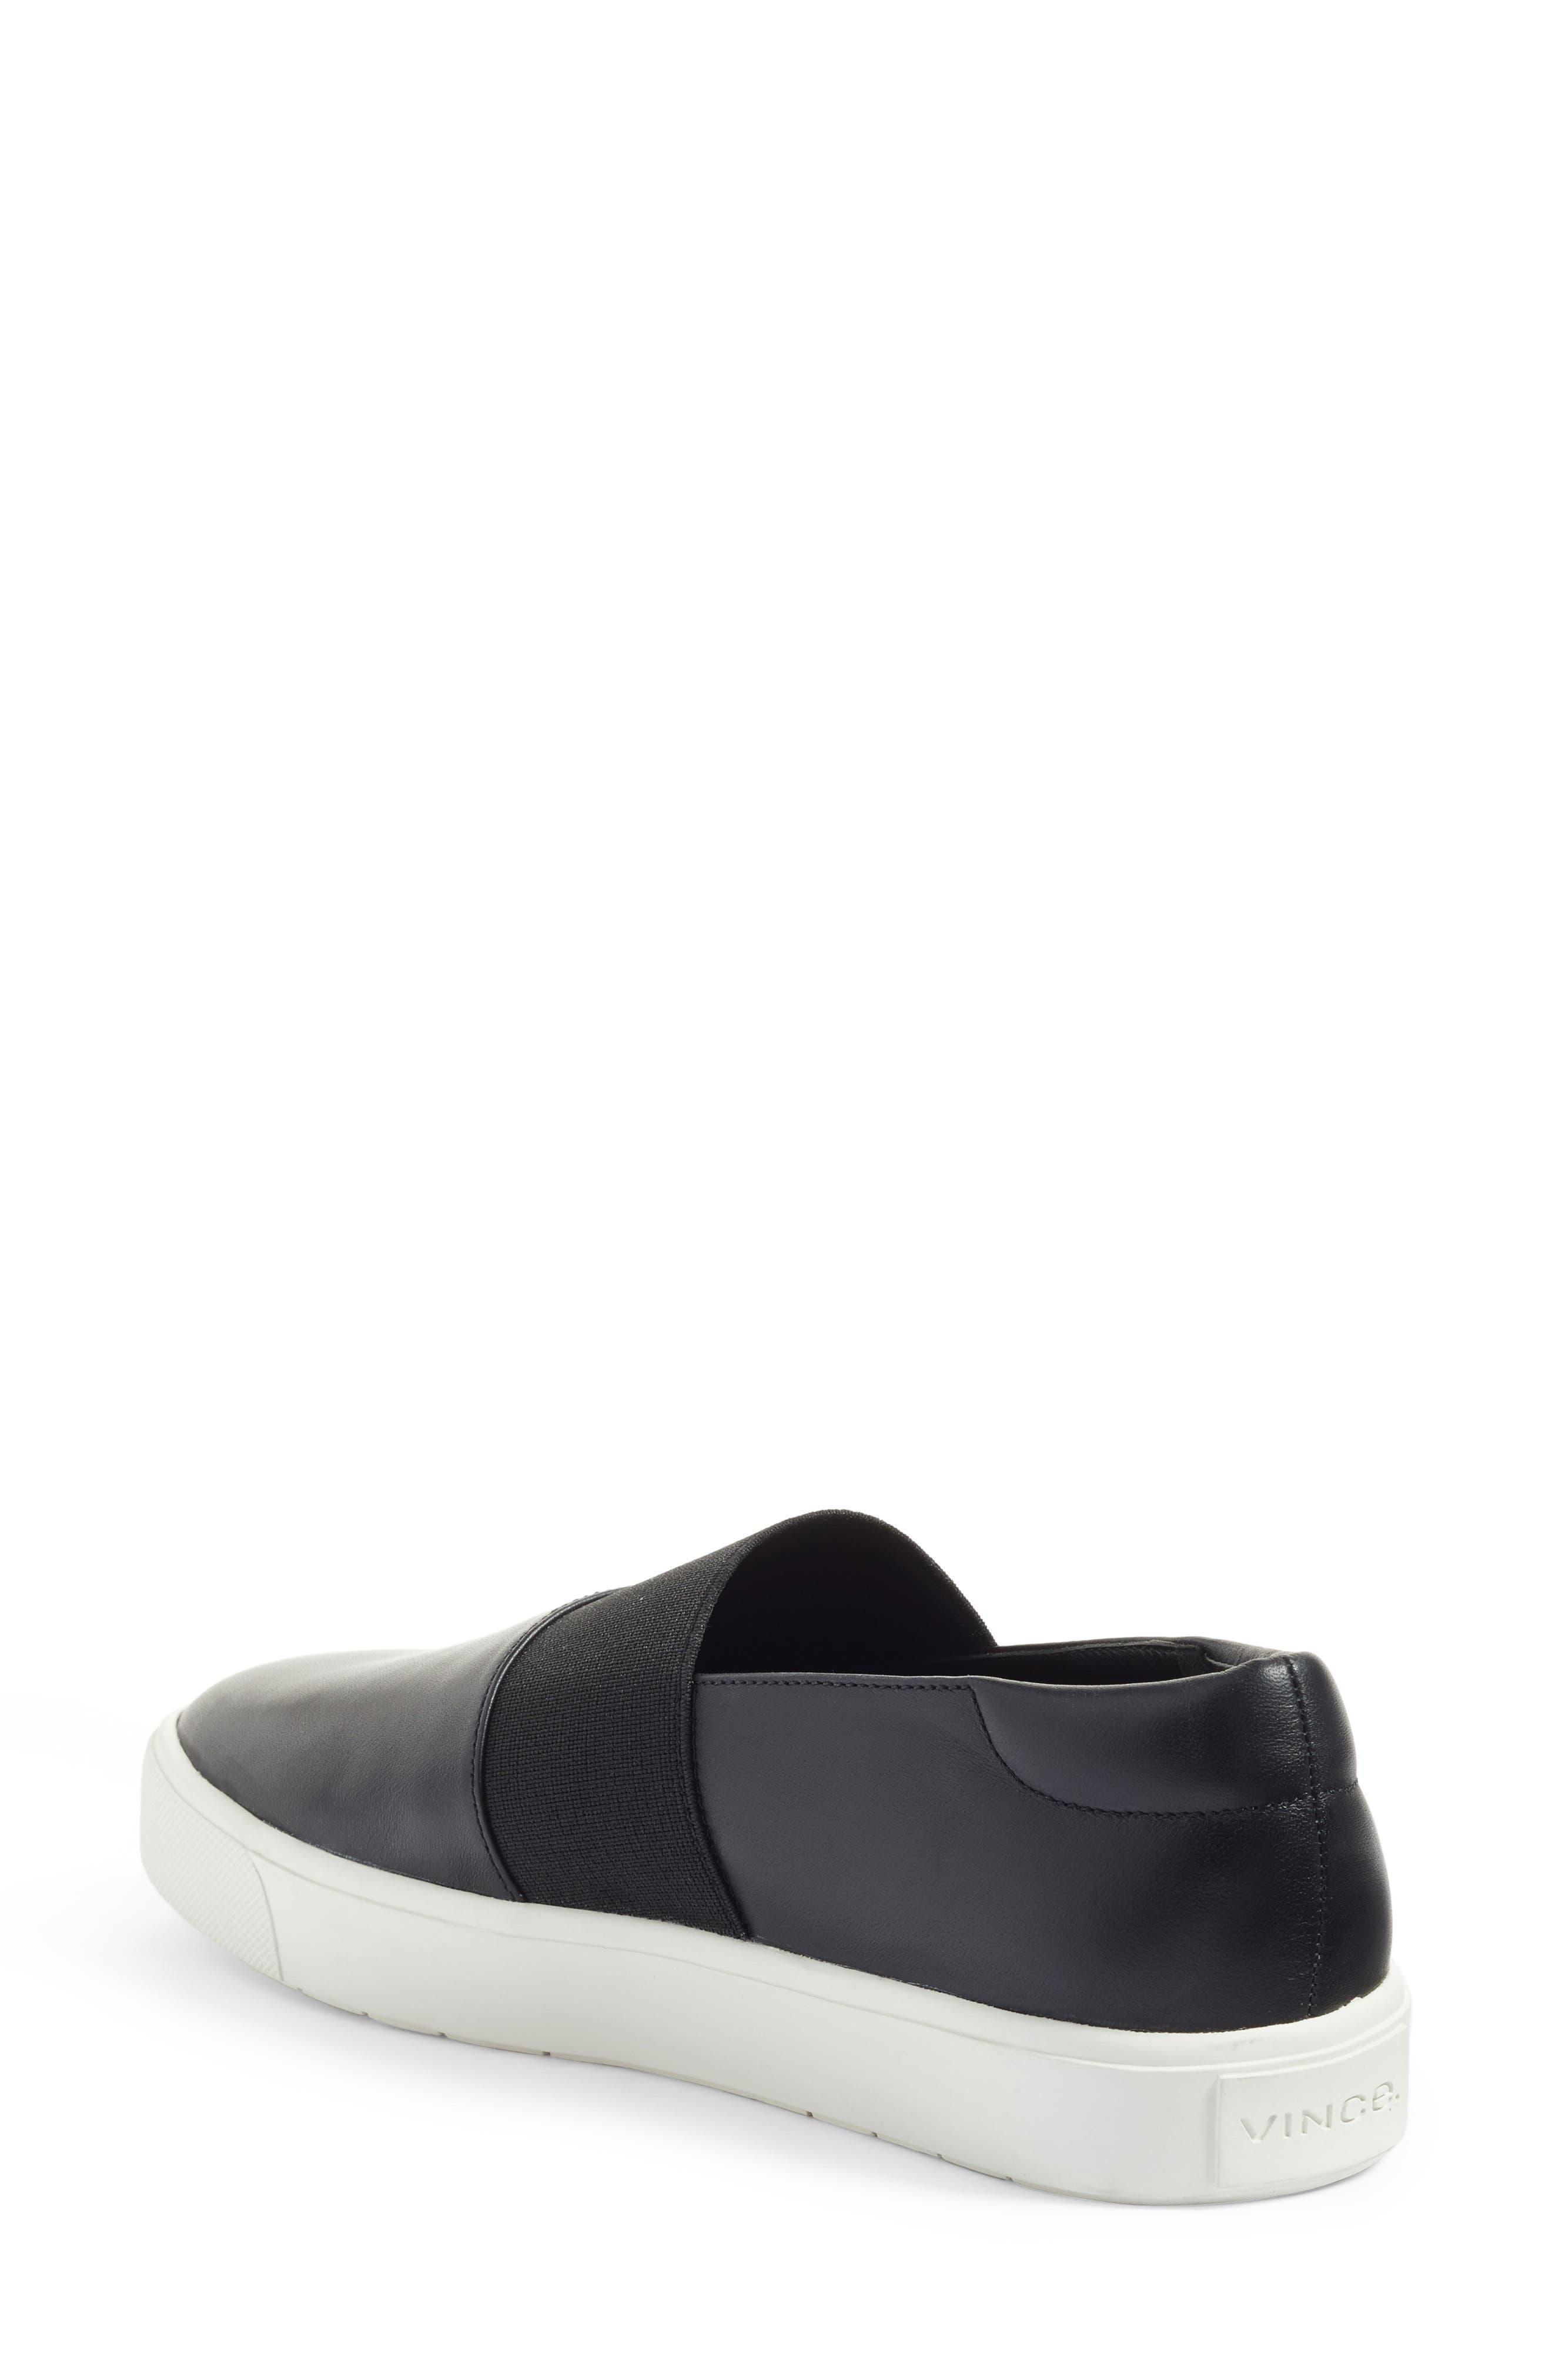 Corbin Slip-On Sneaker,                             Alternate thumbnail 2, color,                             001